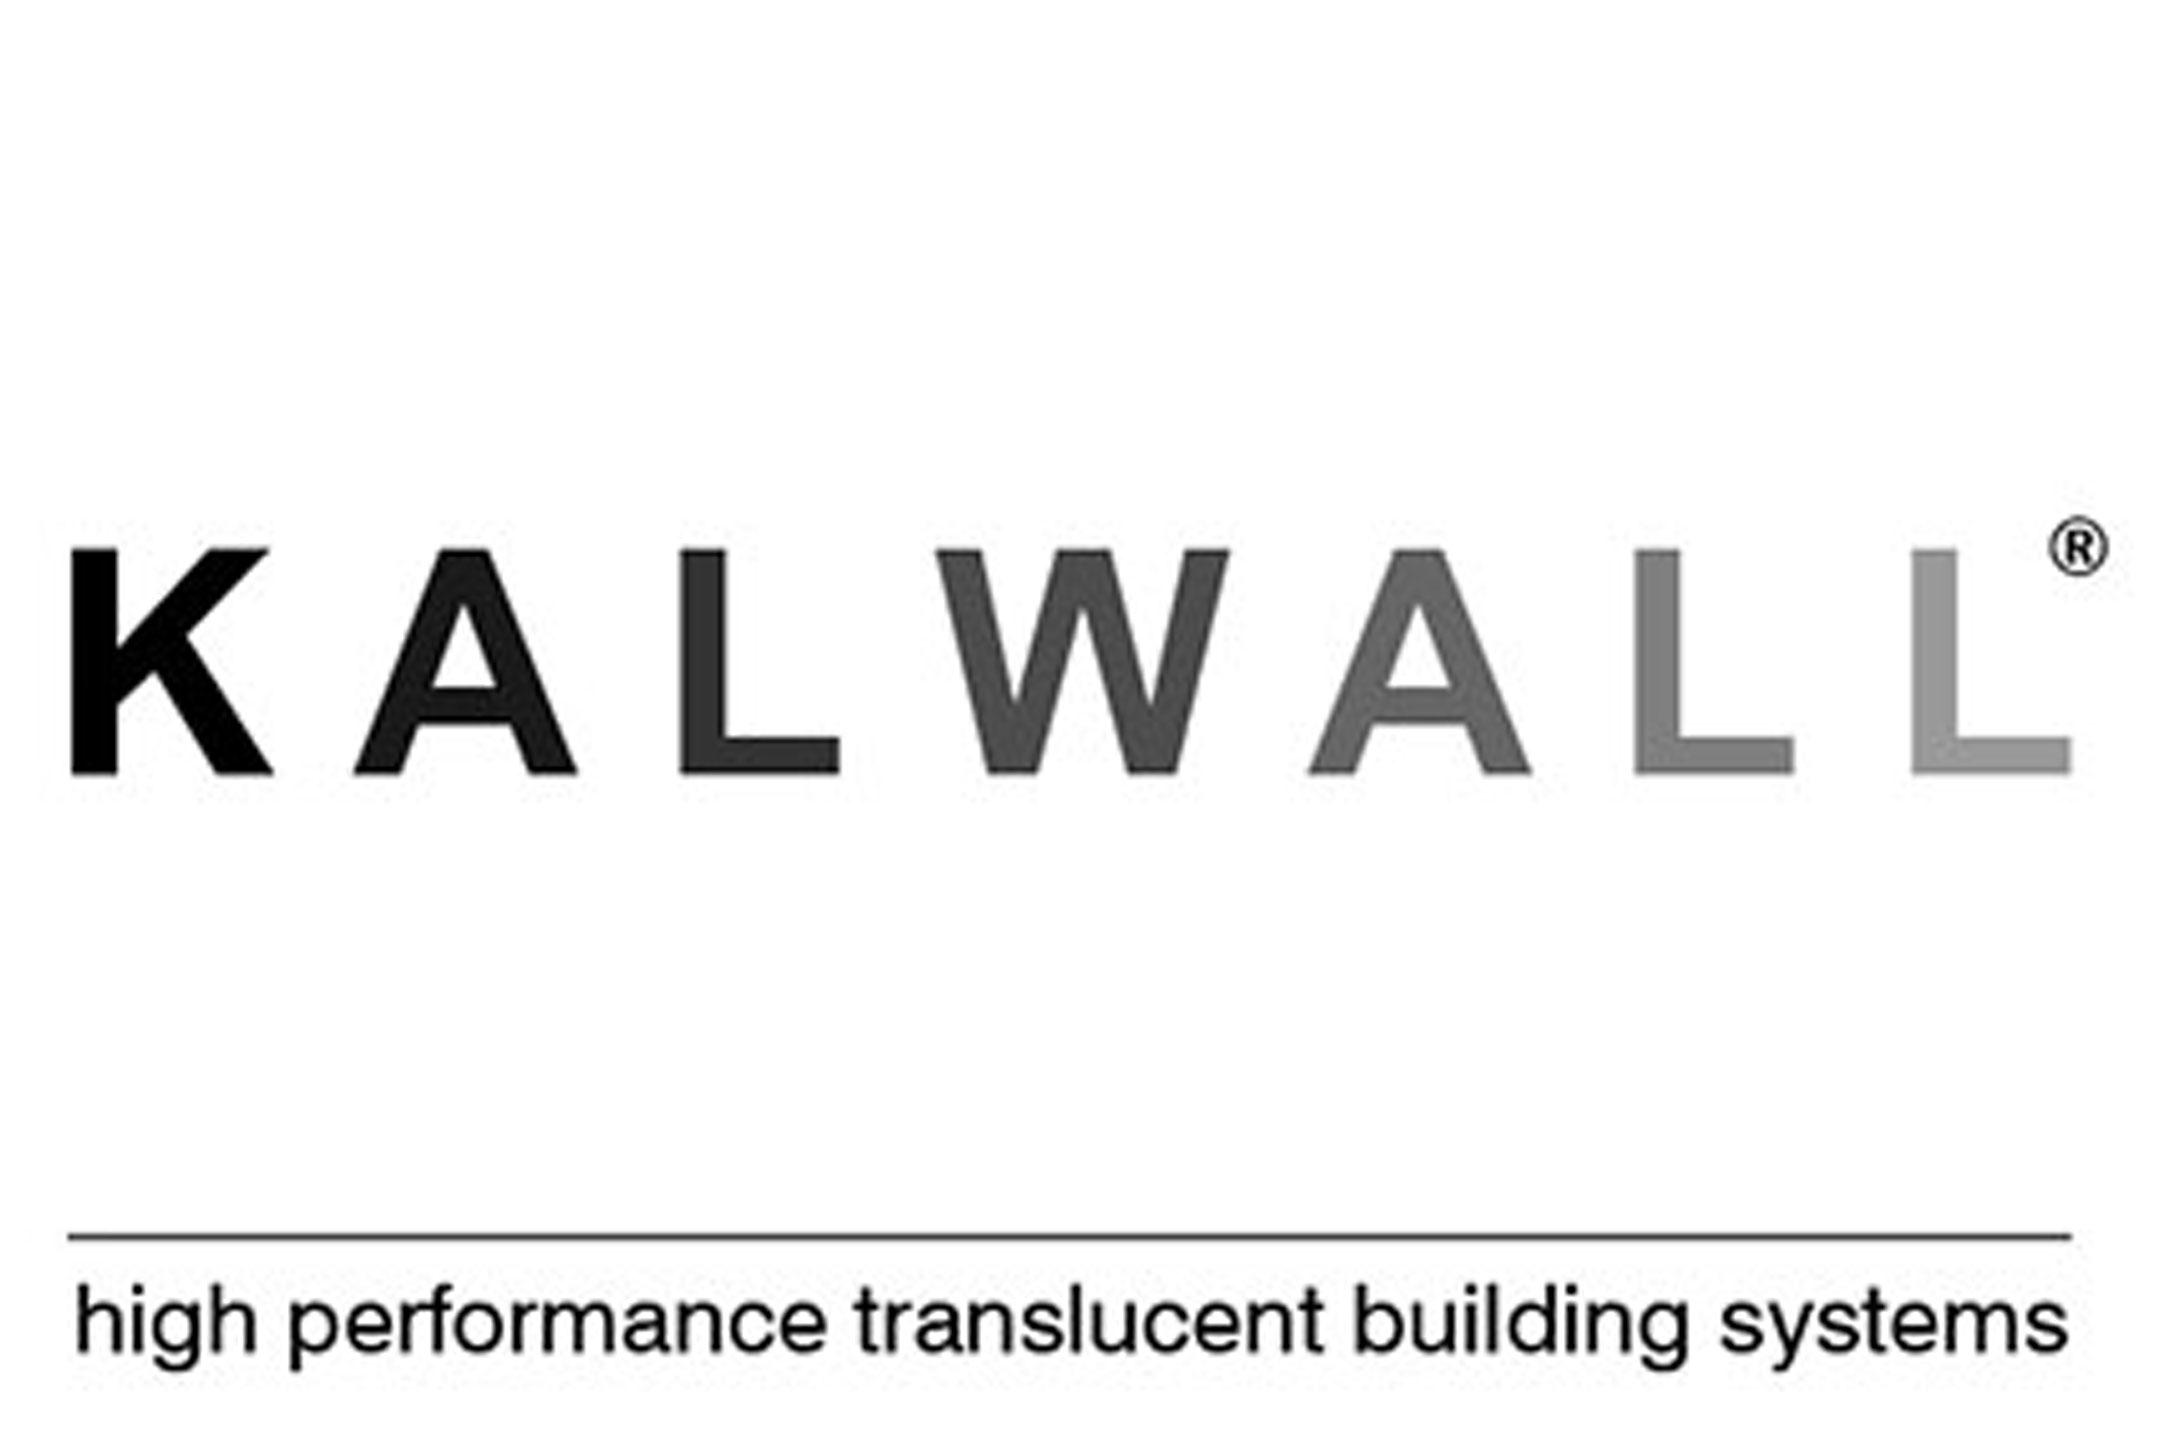 kalwall